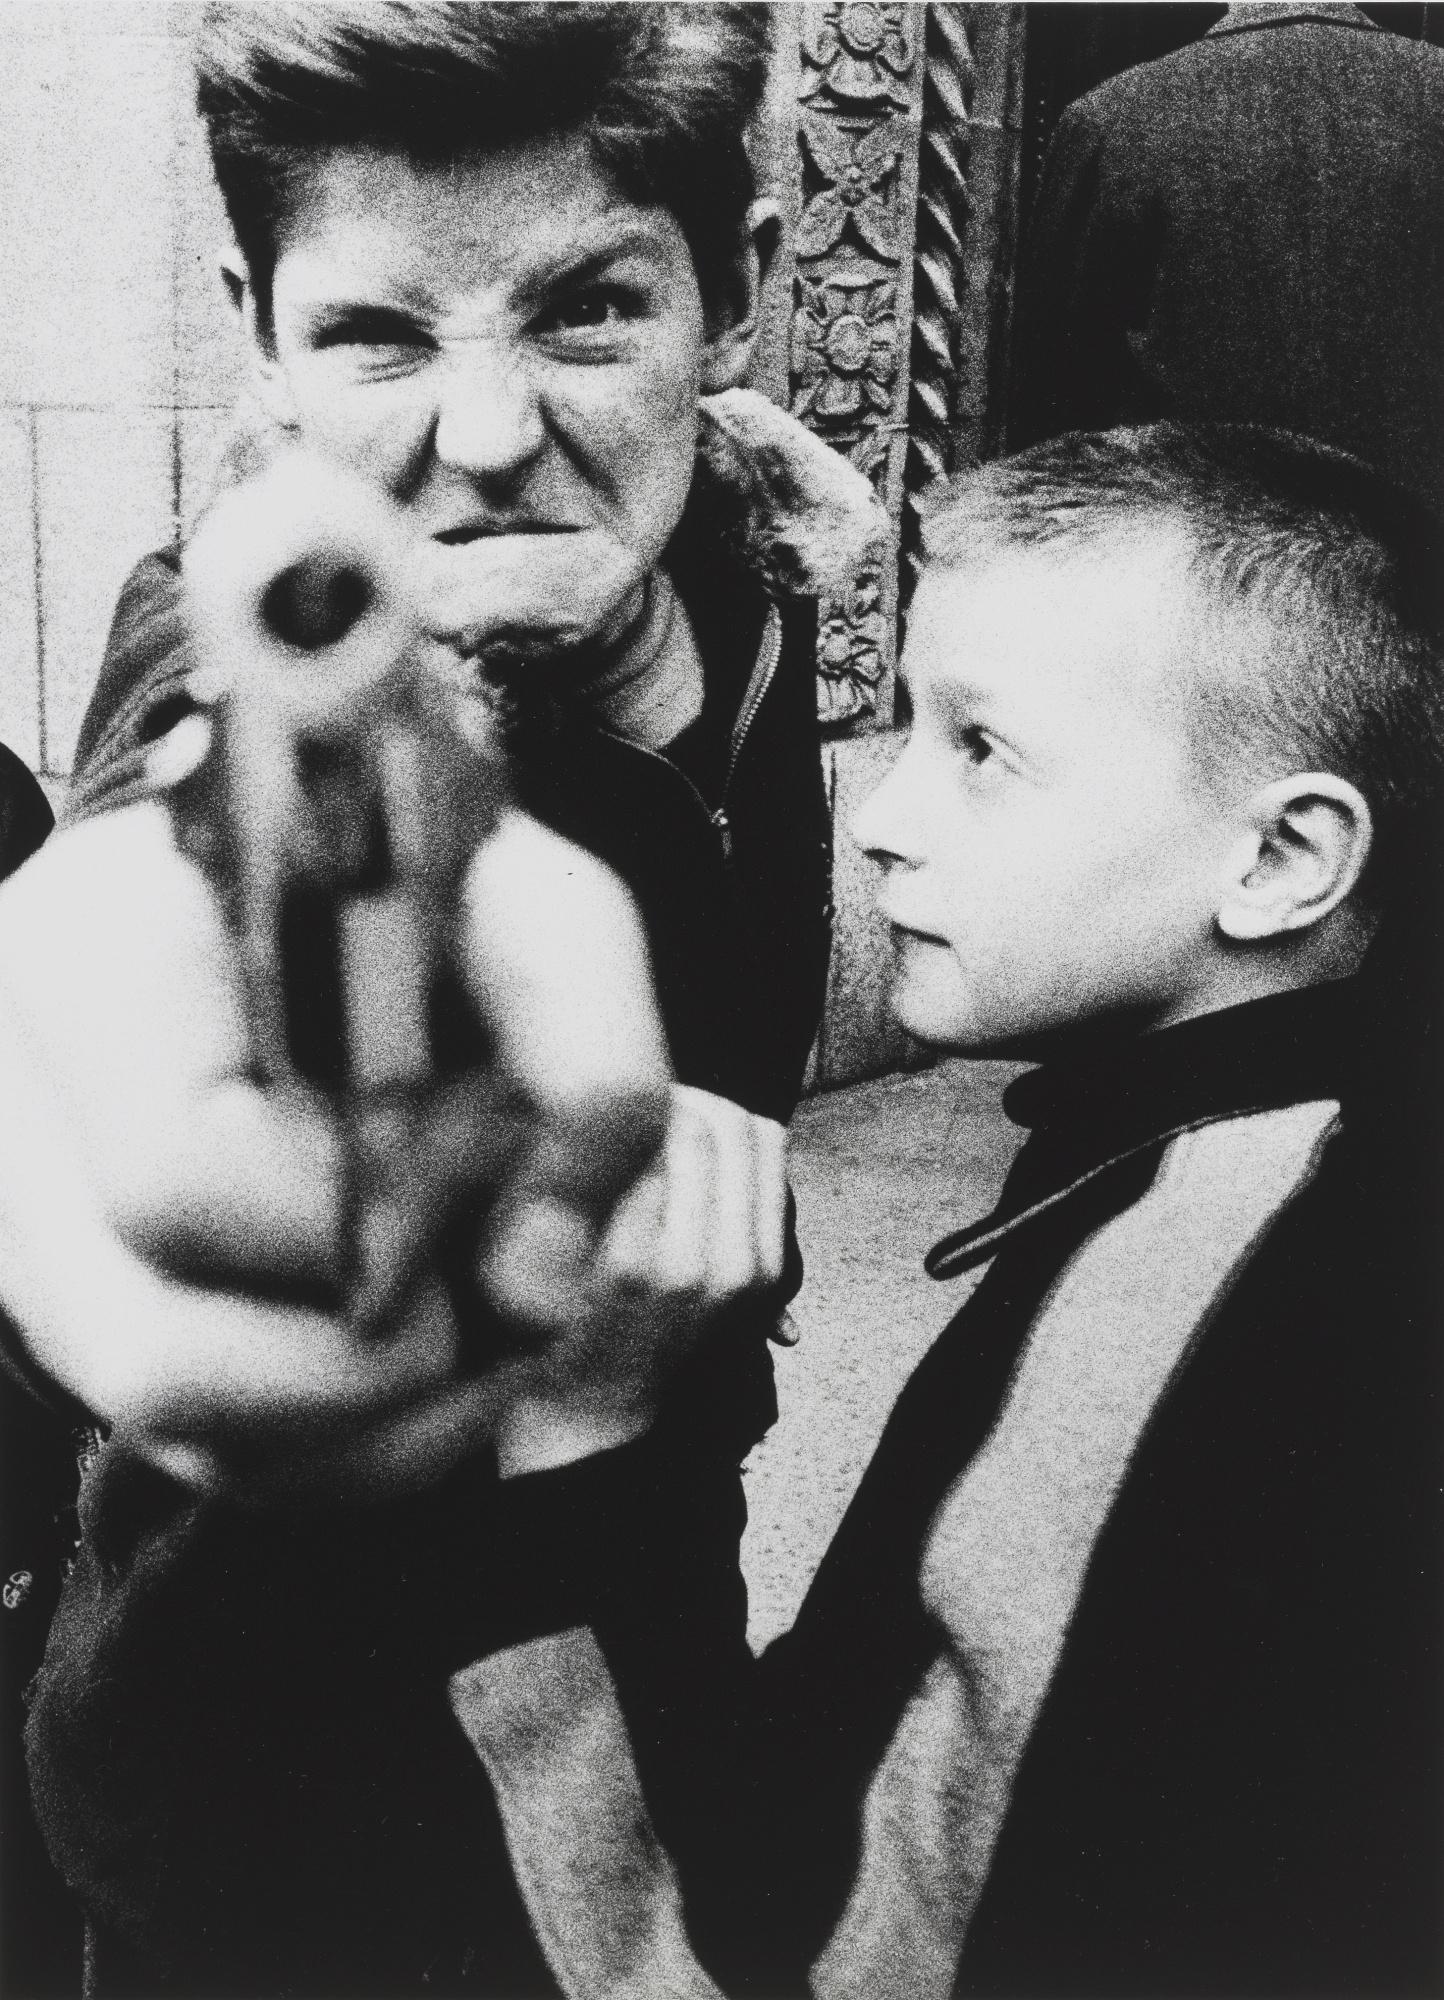 William Klein-New York 54/55 (Paris: Atelier J. M. Bustamante-Bernard Saint-Genes, 1978)-1955